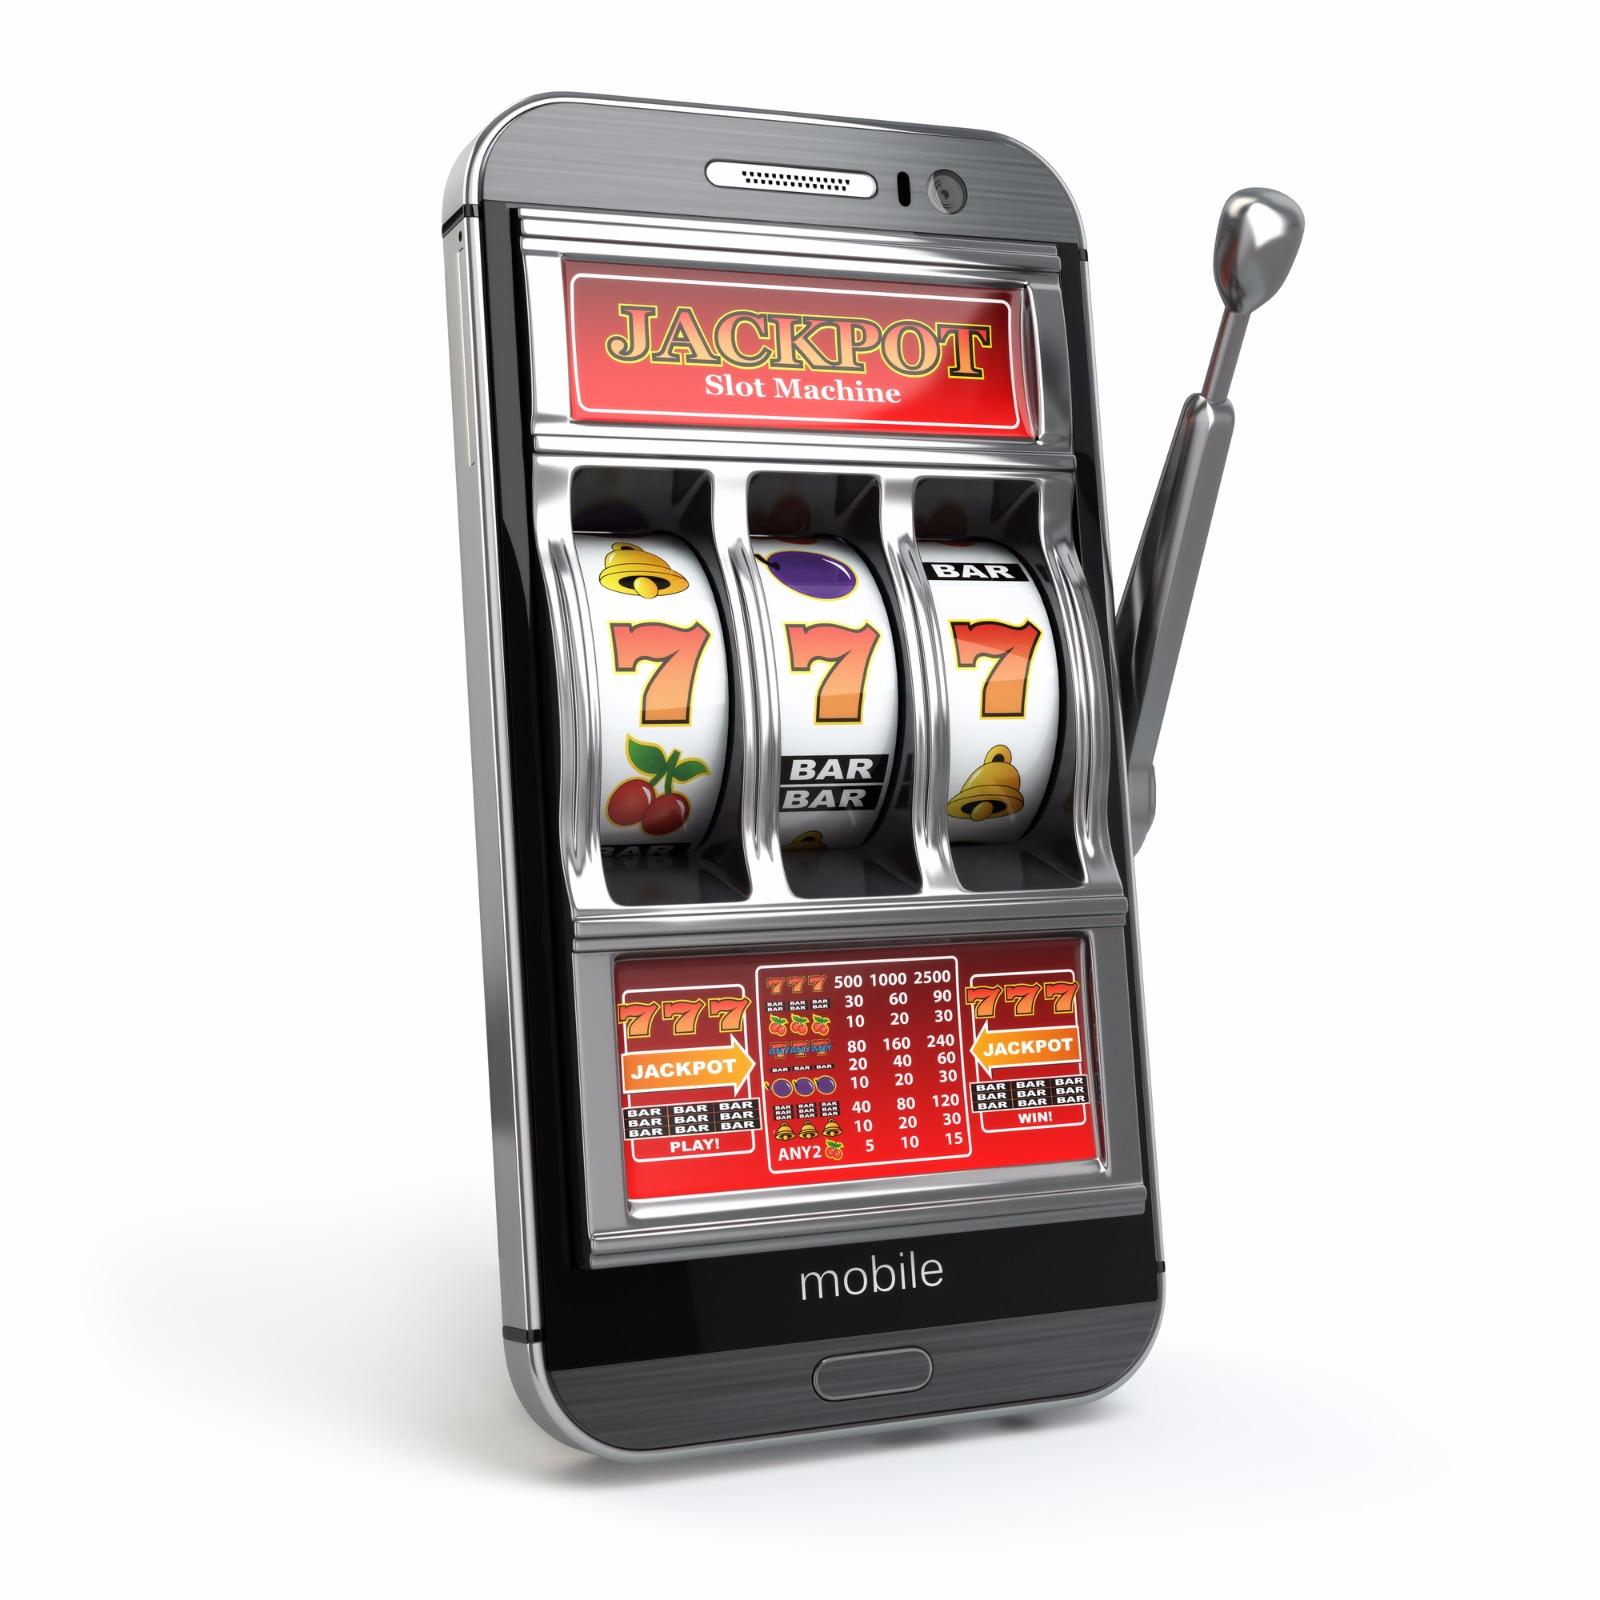 כיצד לזכות בקזינו ובמכונות מזל